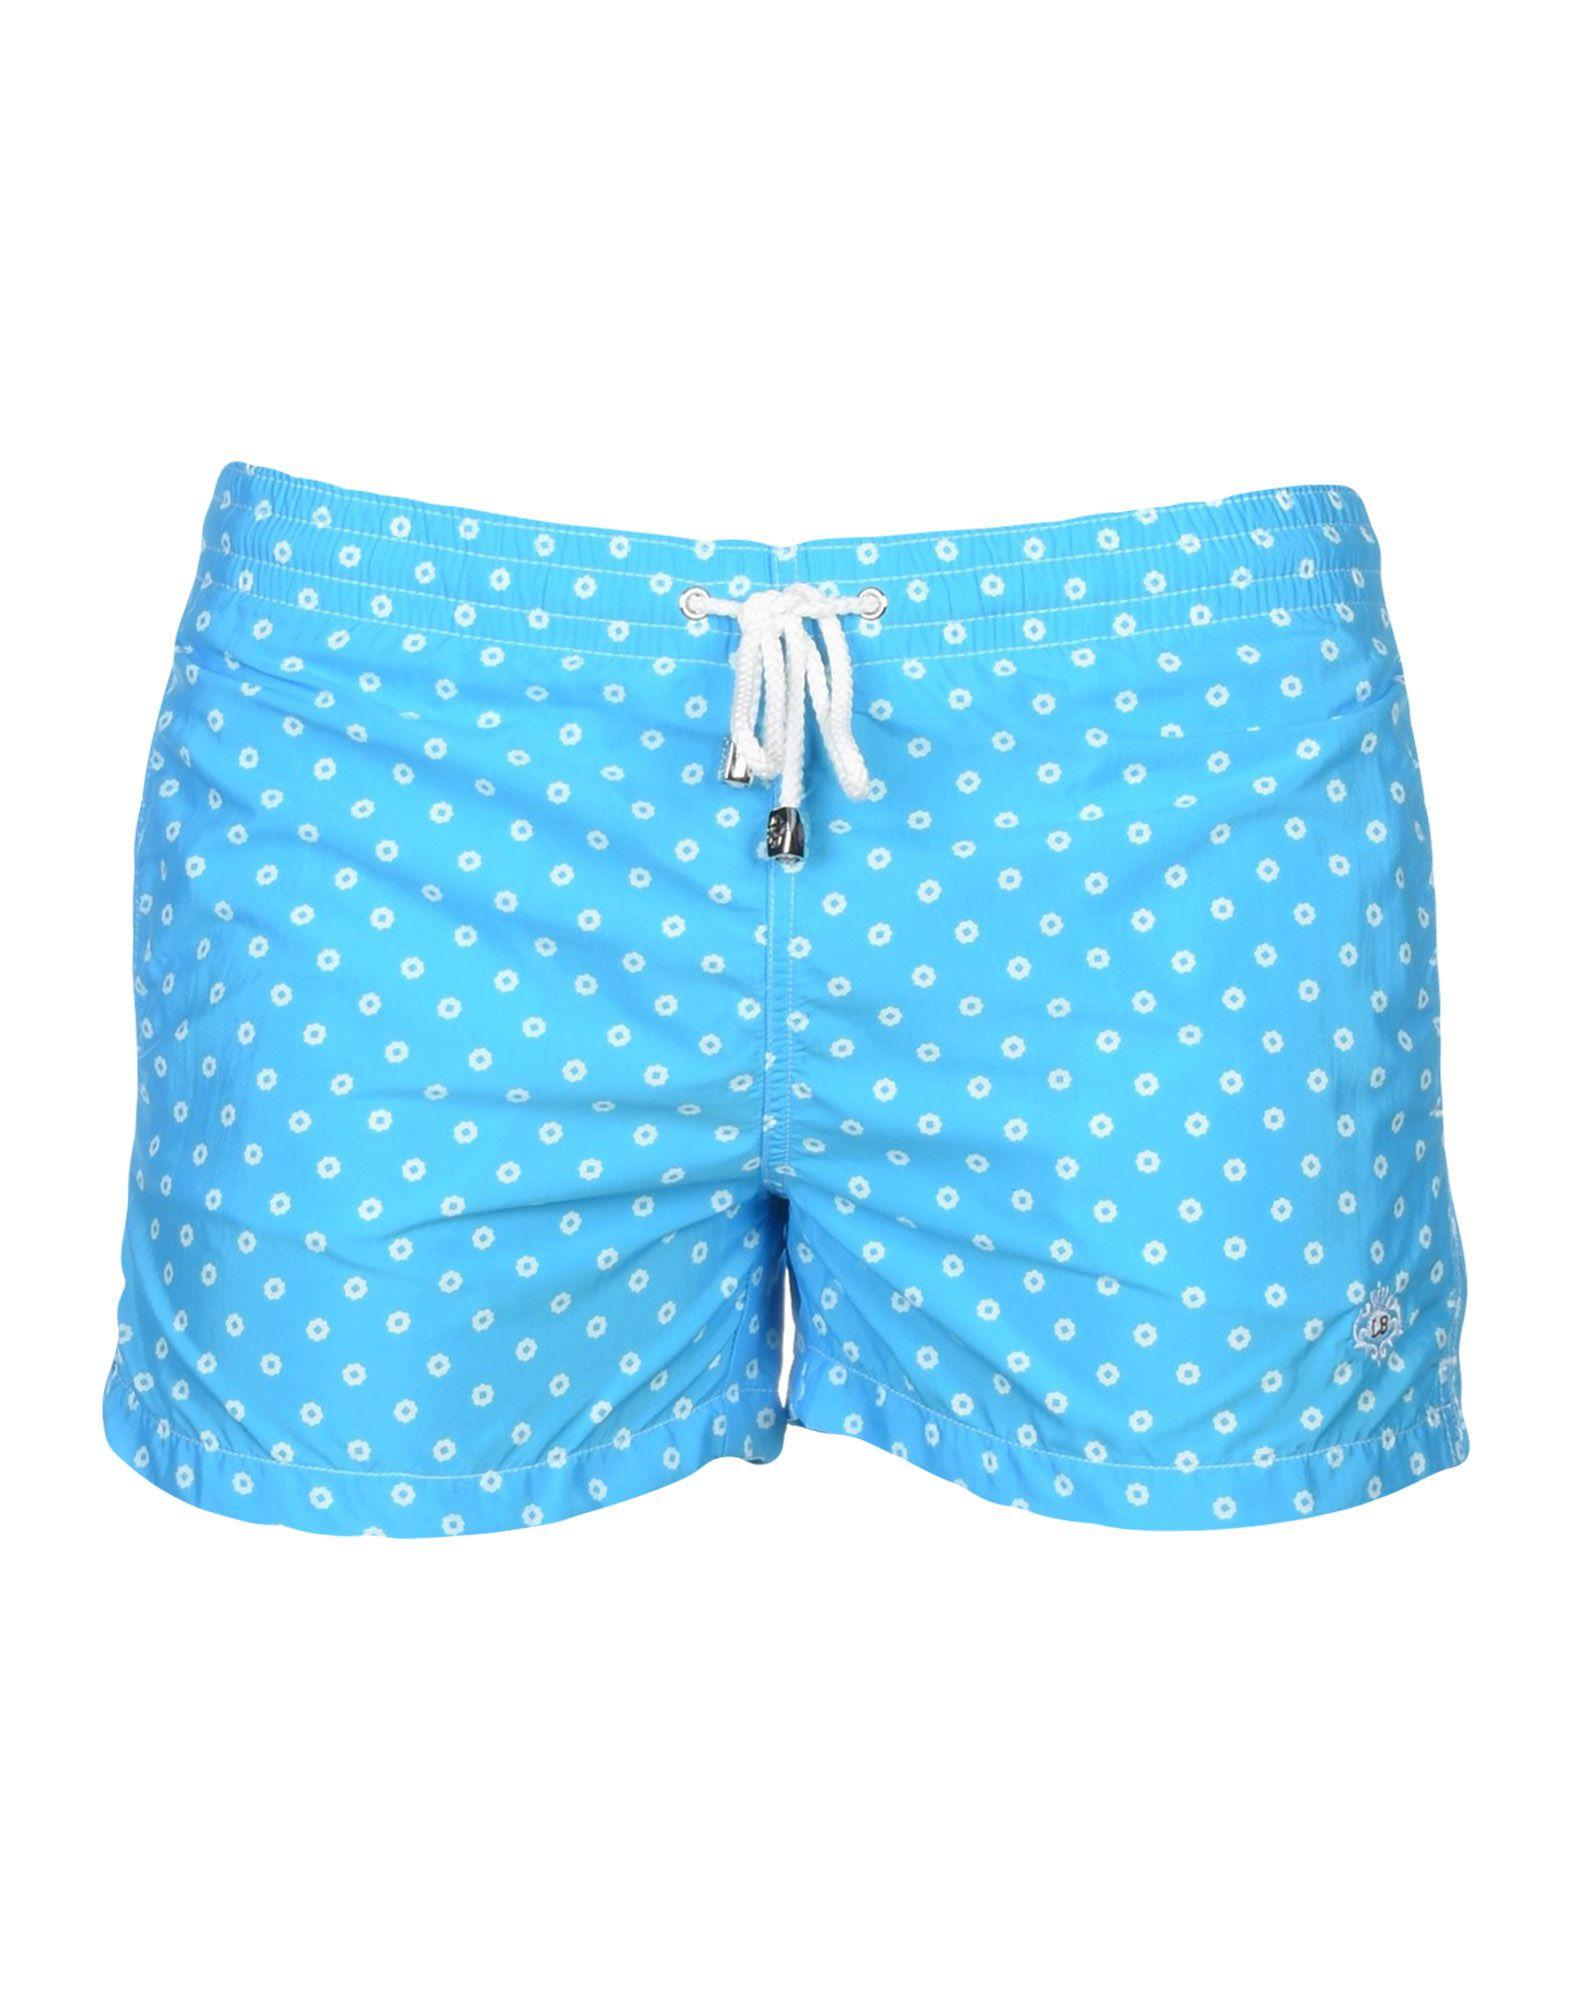 LUIGI BORRELLI NAPOLI Пляжные брюки и шорты шорты пляжные